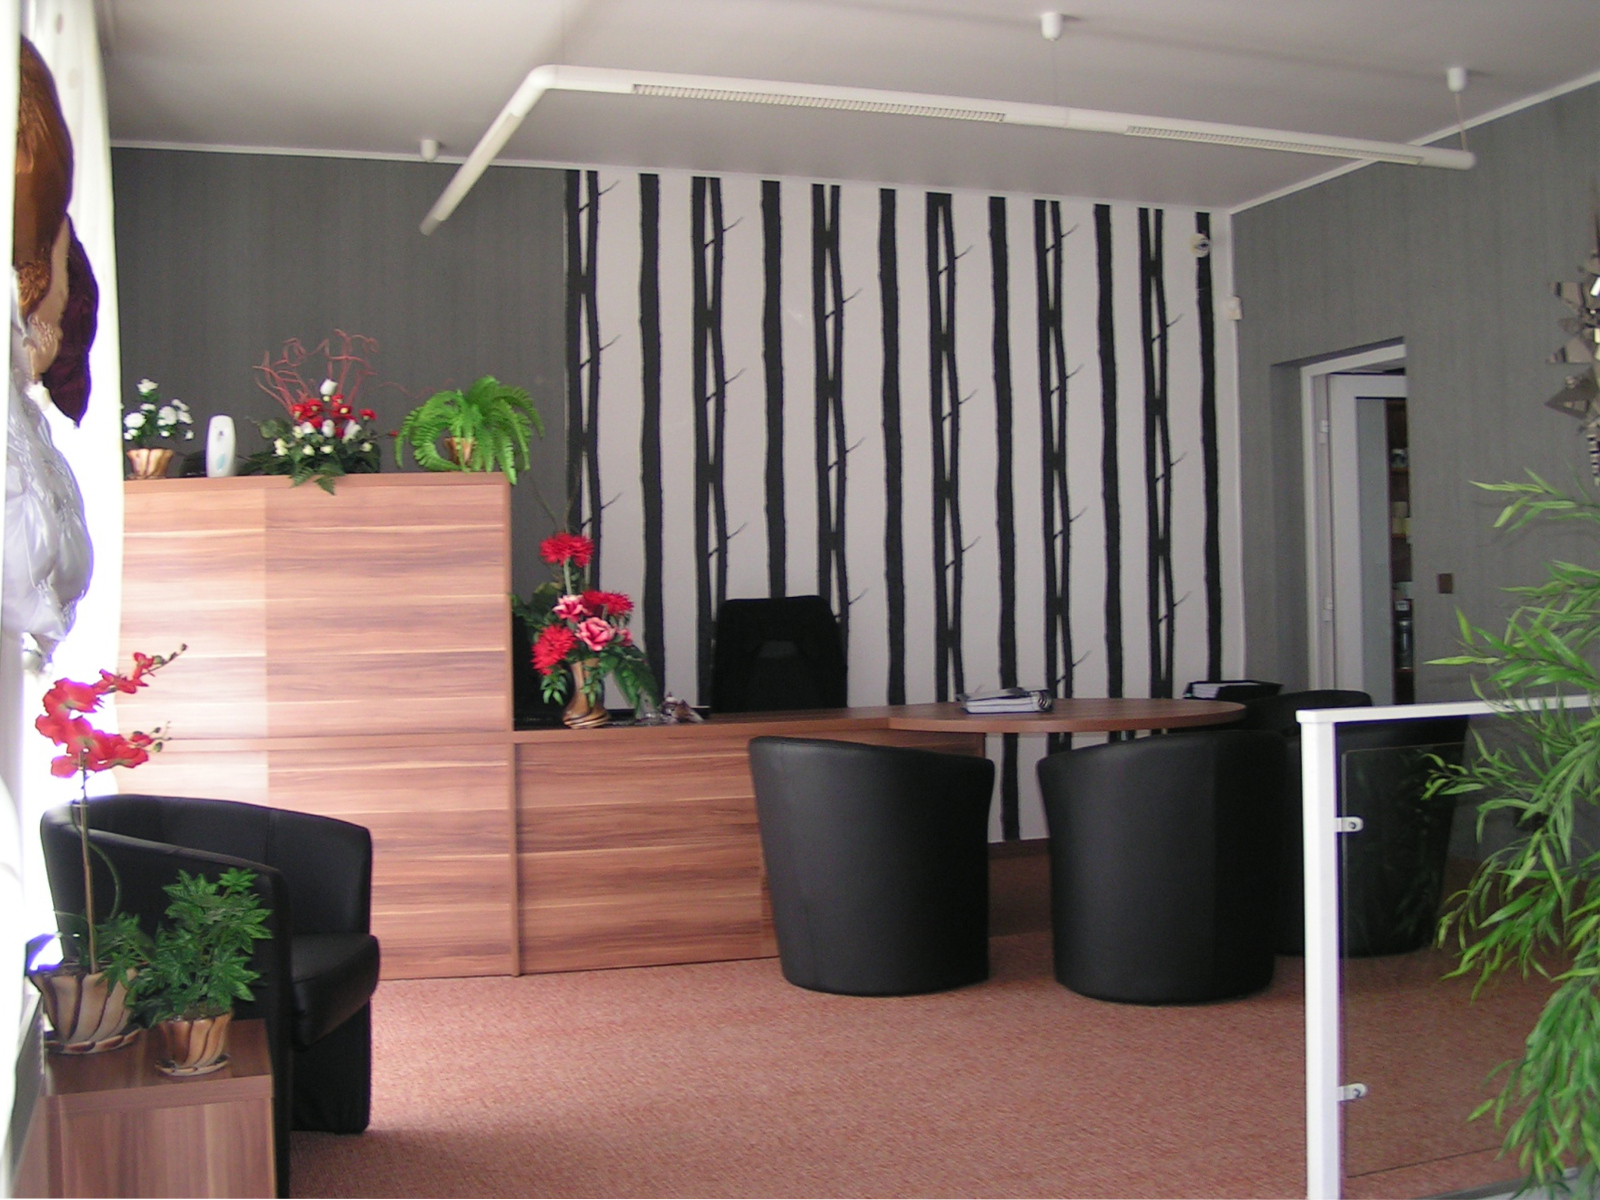 kancelar-pohrebni-sluzby-mlada-boleslav-laurinova (2)